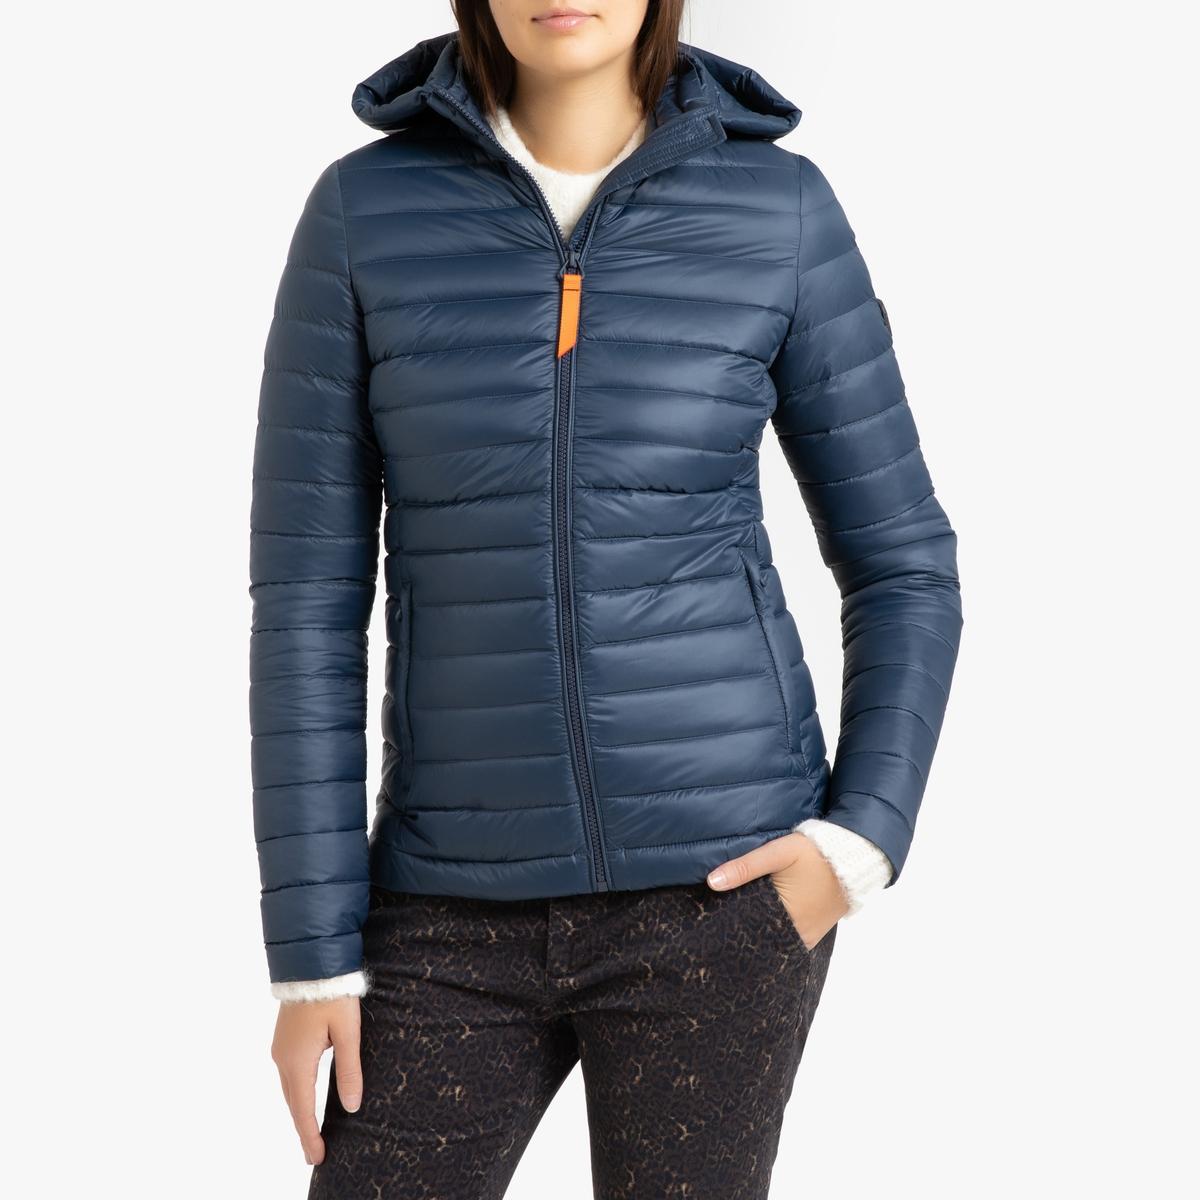 цена Куртка La Redoute Стеганая короткая с капюшоном FRANCINE MAT 4(XL) синий в интернет-магазинах